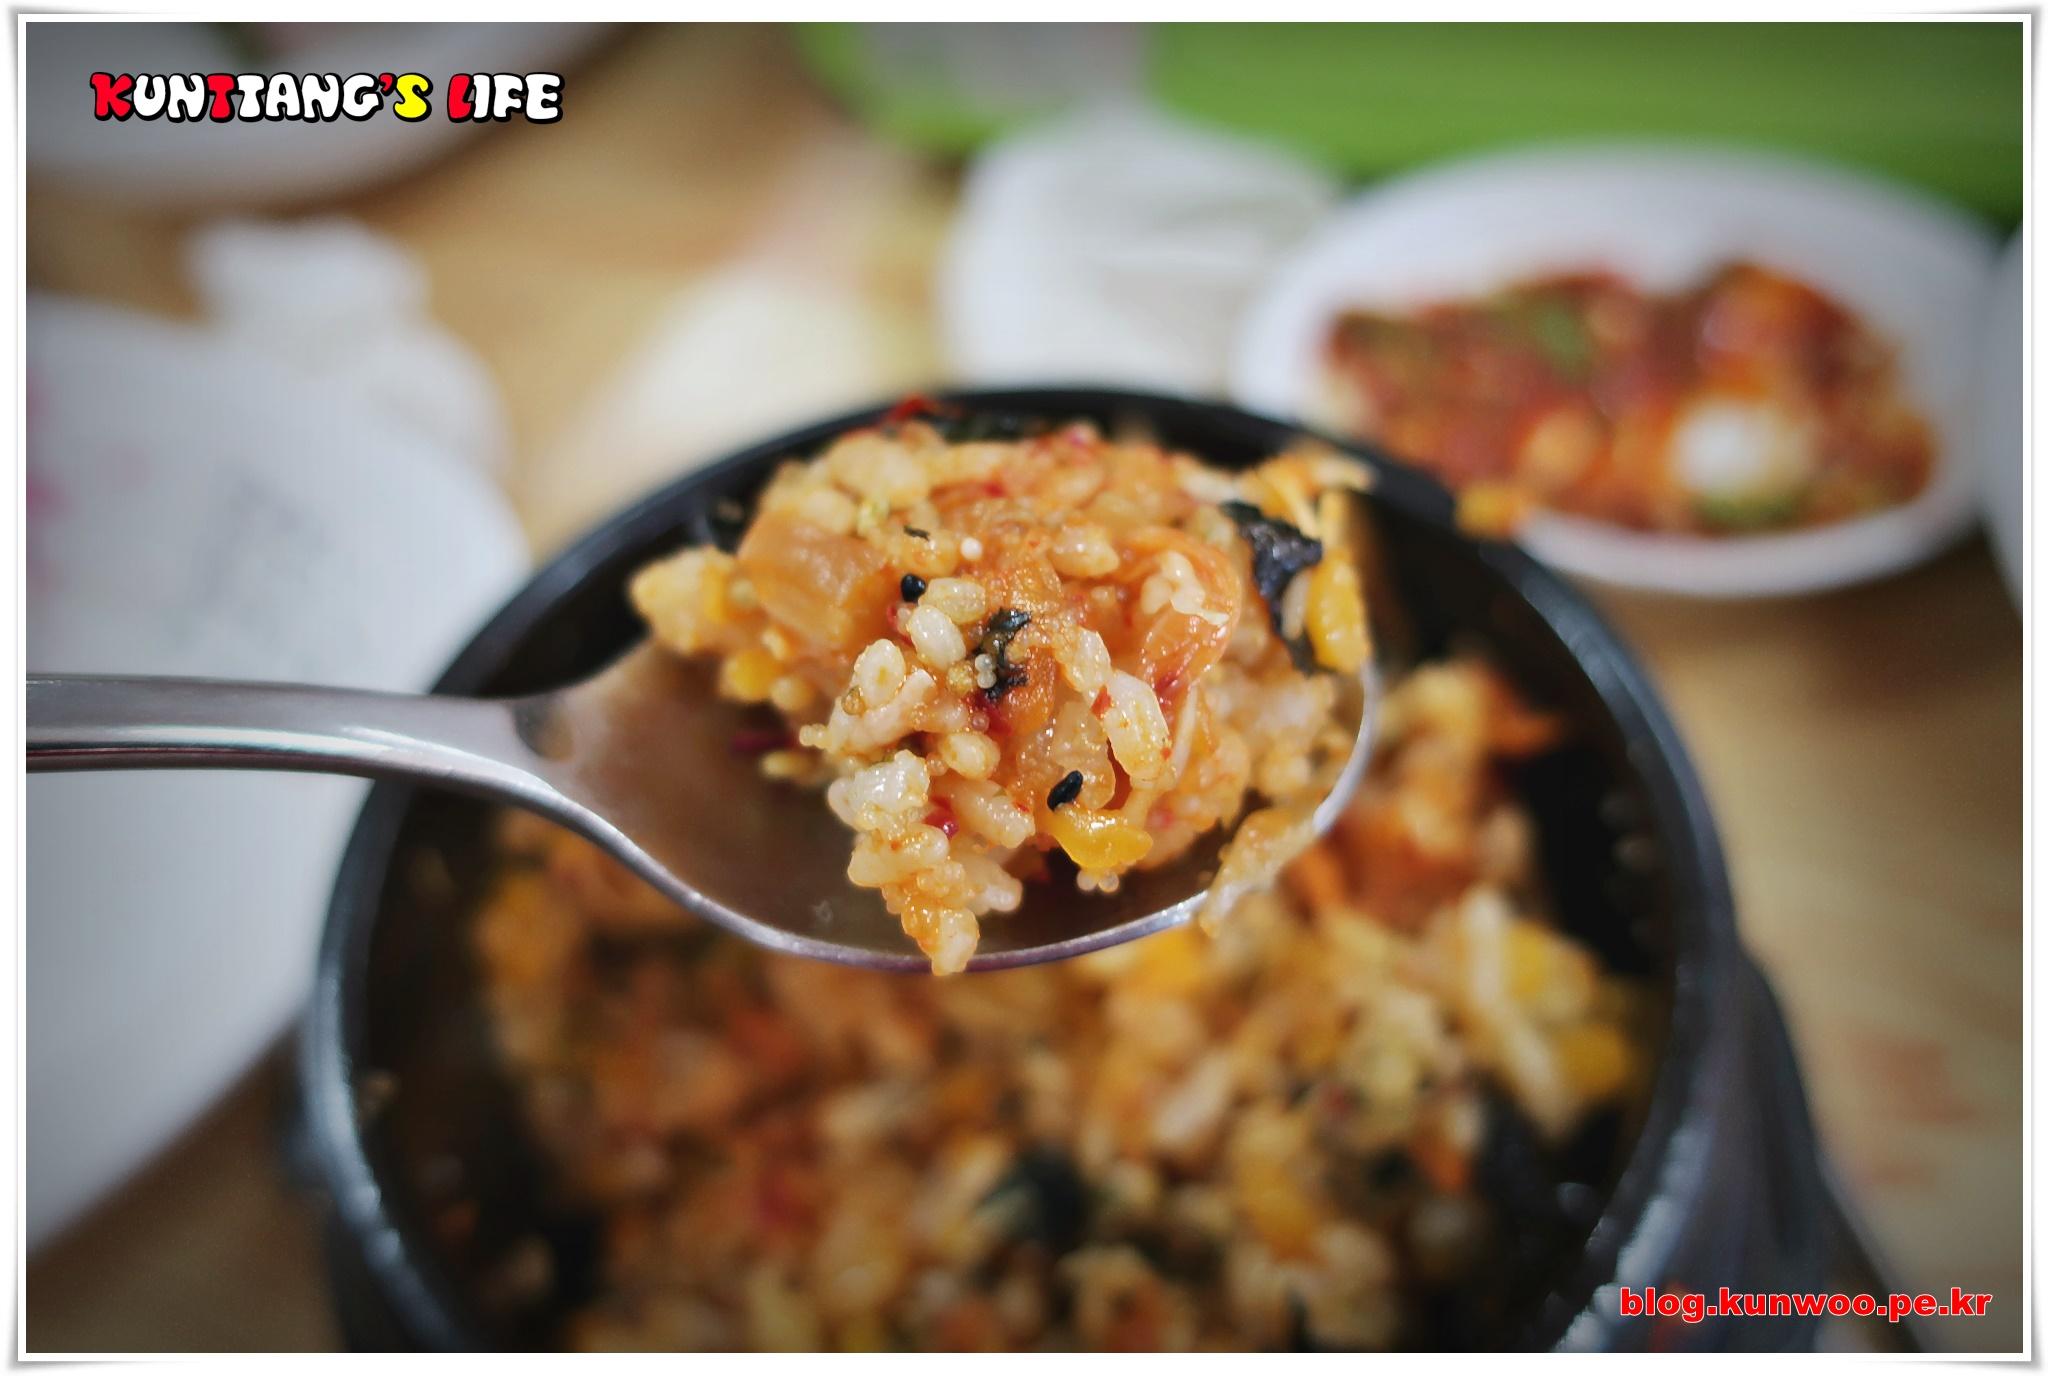 [그림10] 총각수산 점심특선 알밥 한숟가락